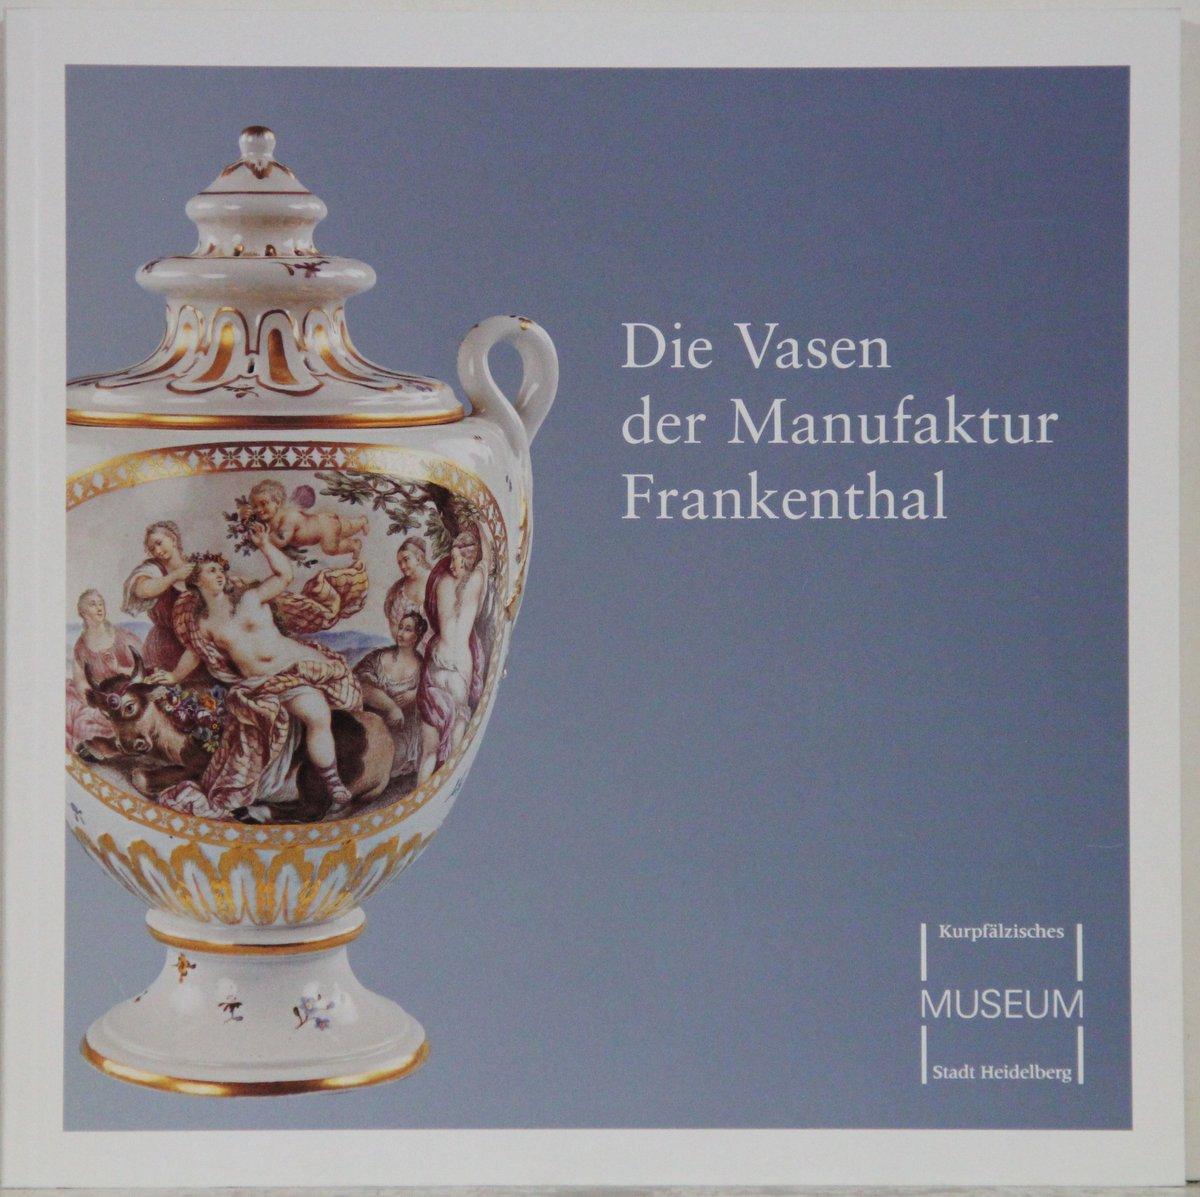 Die Vasen der Manufaktur Frankenthal.